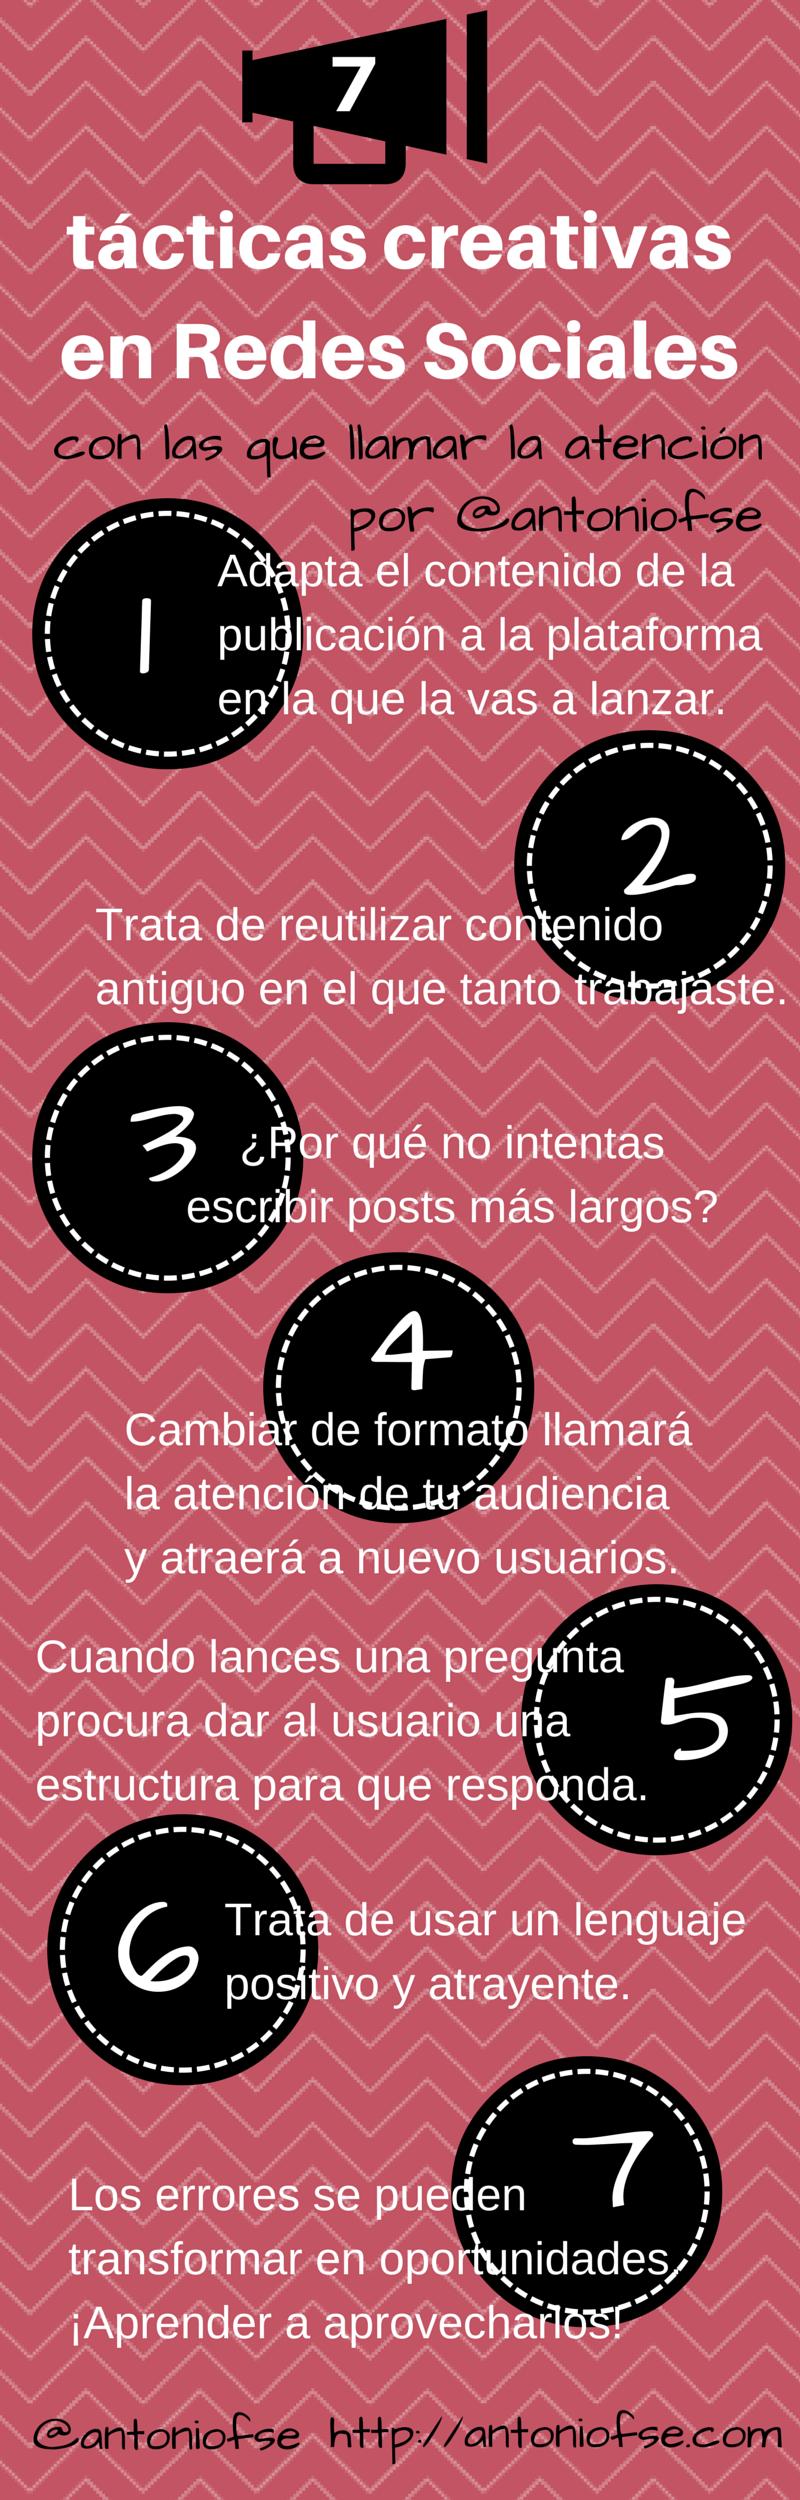 7 Tácticas Creativas En Redes Sociales Con Las Que Llamar La Atención Infografía Siendo Prudente Por No Decir Cobarde